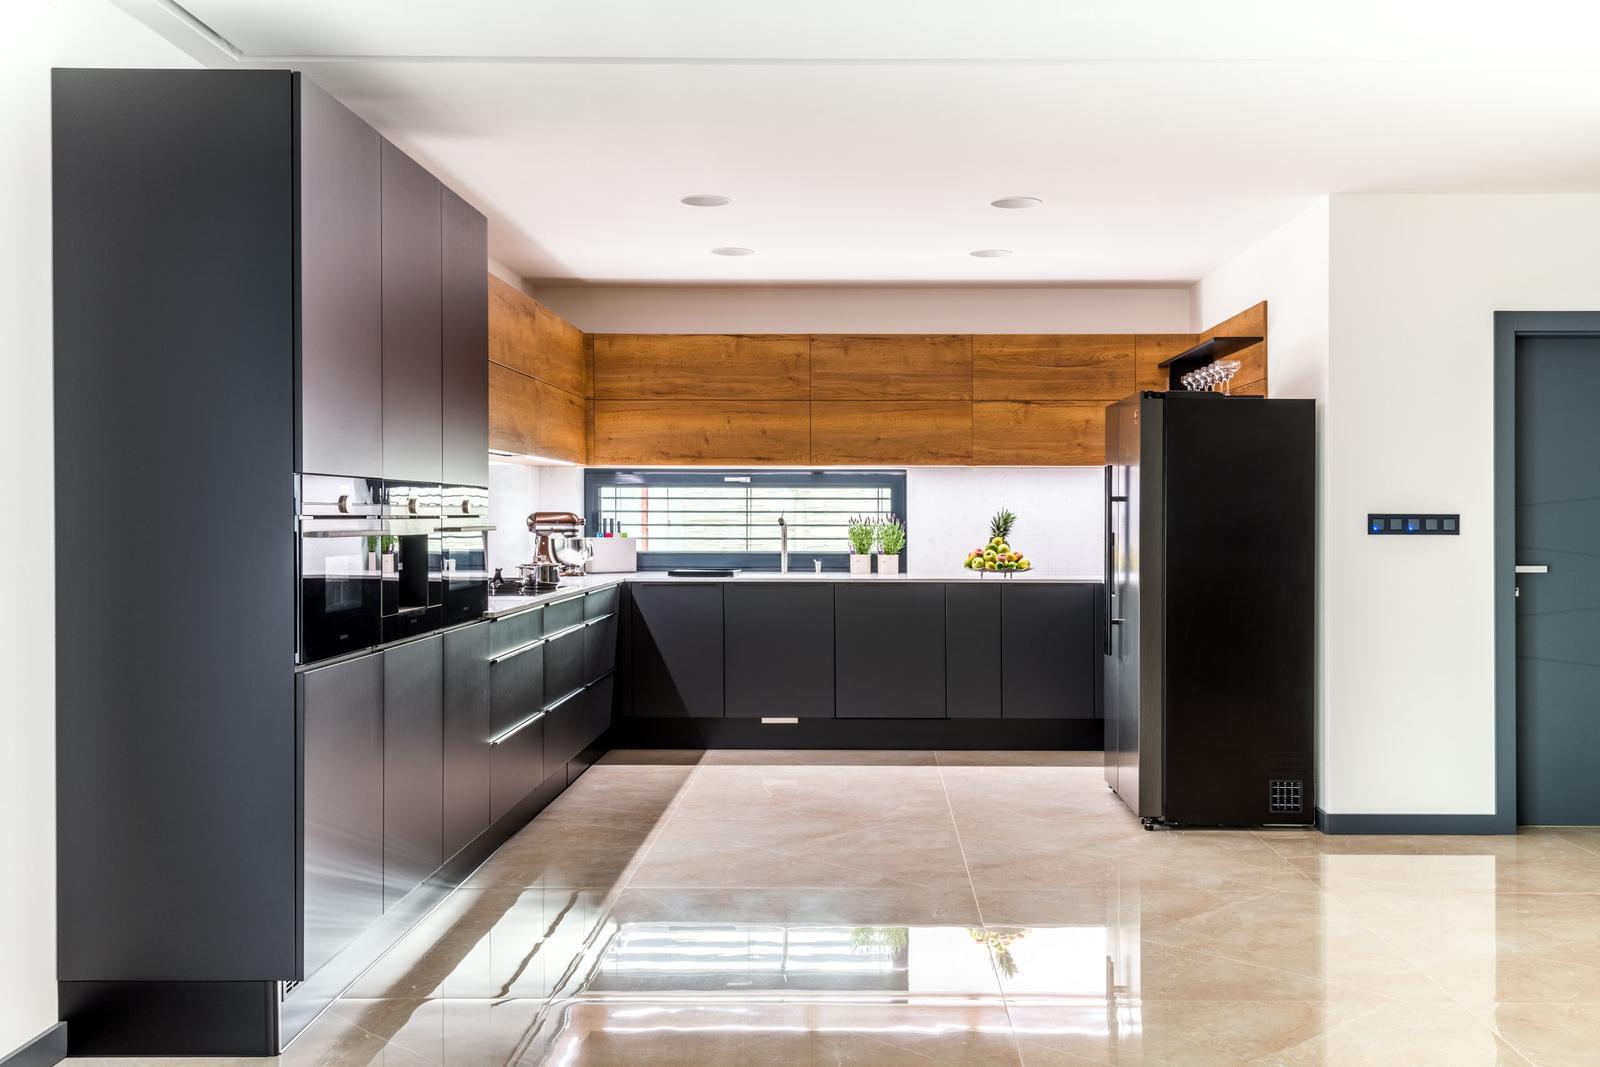 Moderné interiéry,v ktorých sa budete cítiť príjemne - Obrázok č. 110